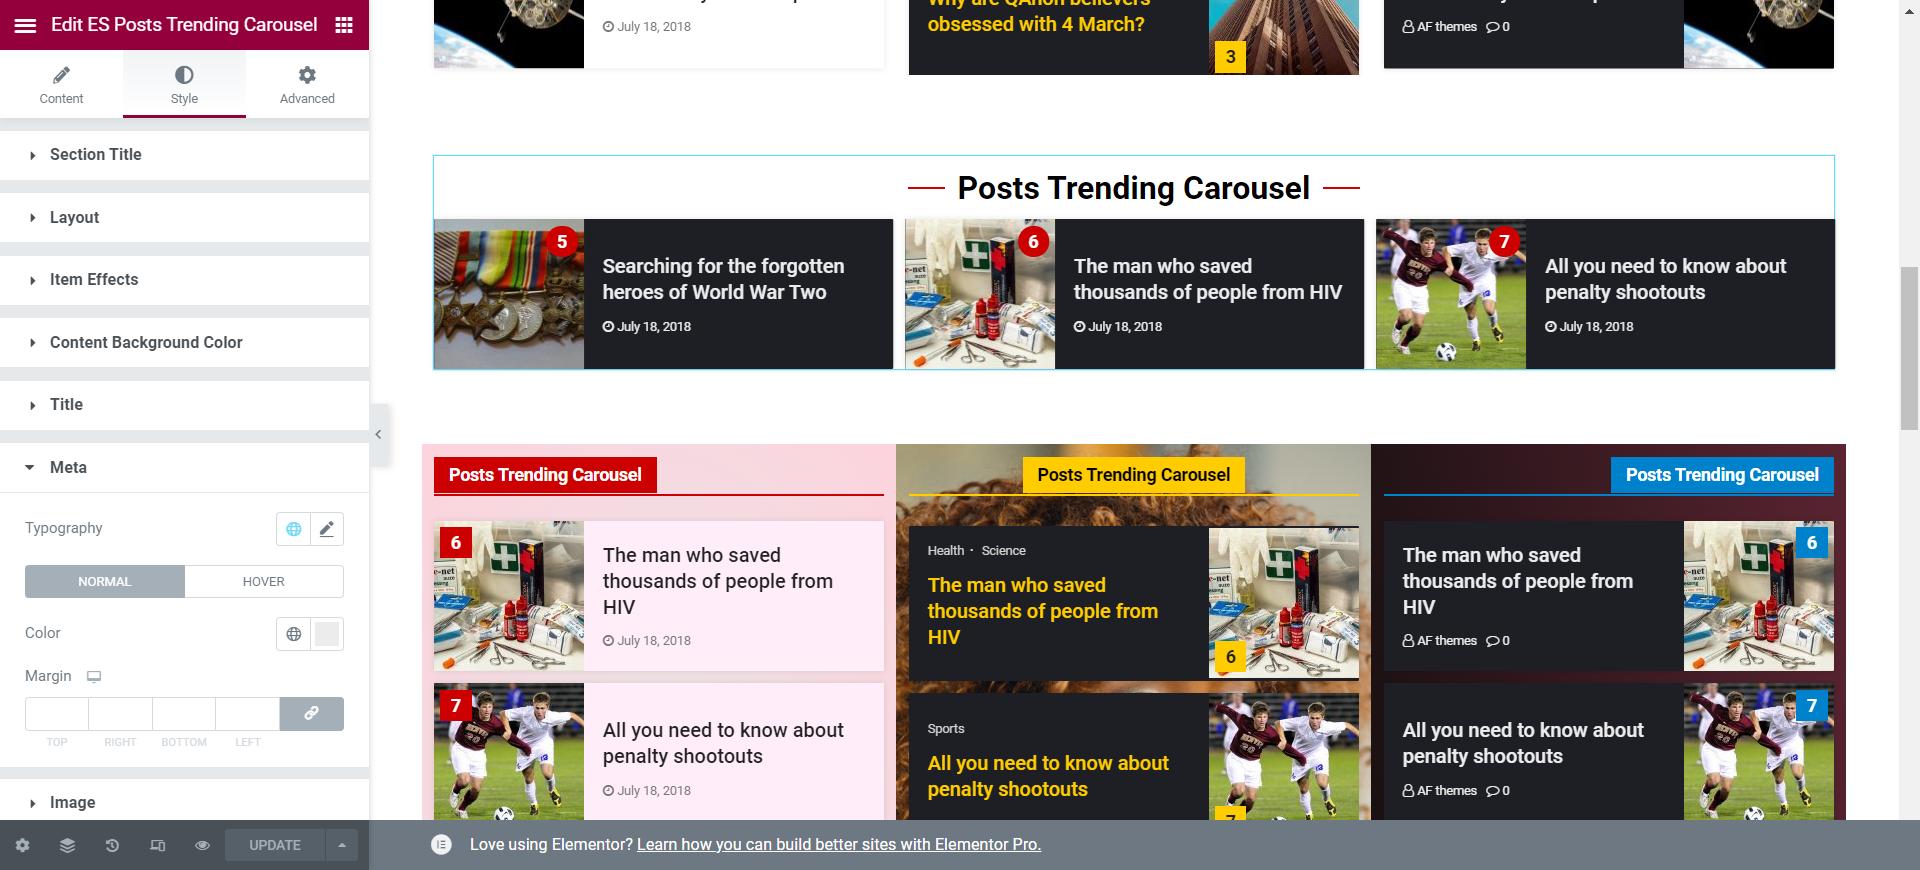 Trending Post Carousel